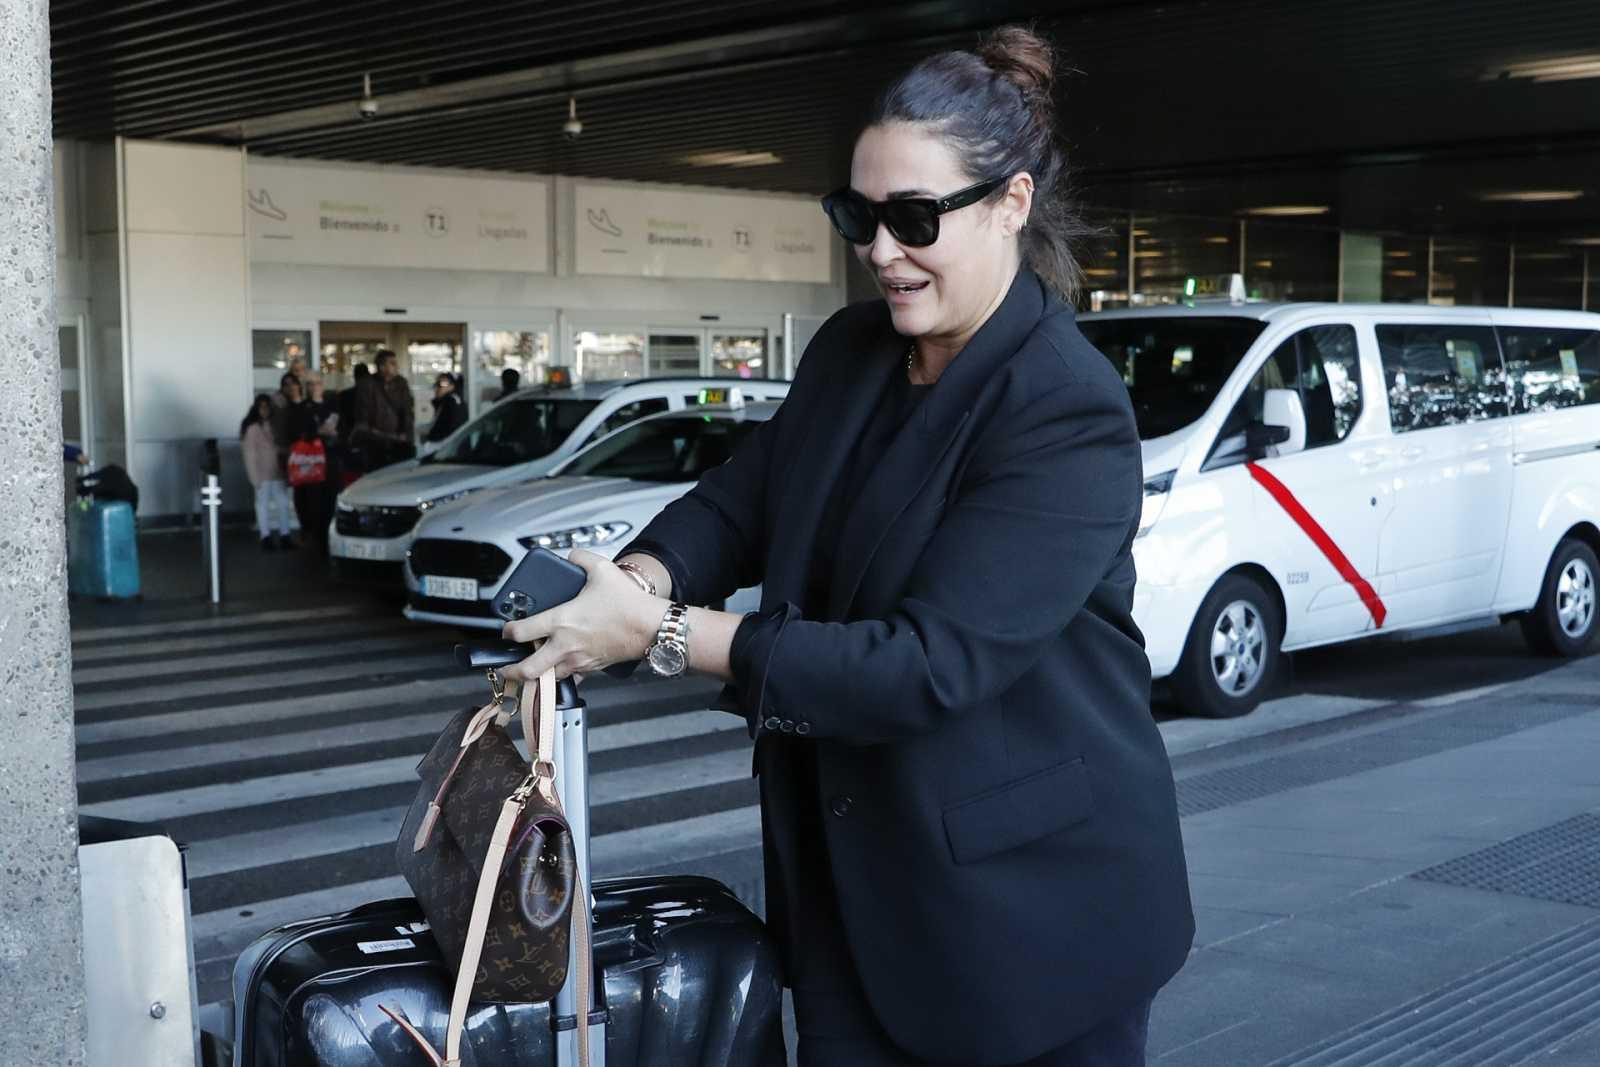 Vicky Martin Berrocal en el aeropuerto